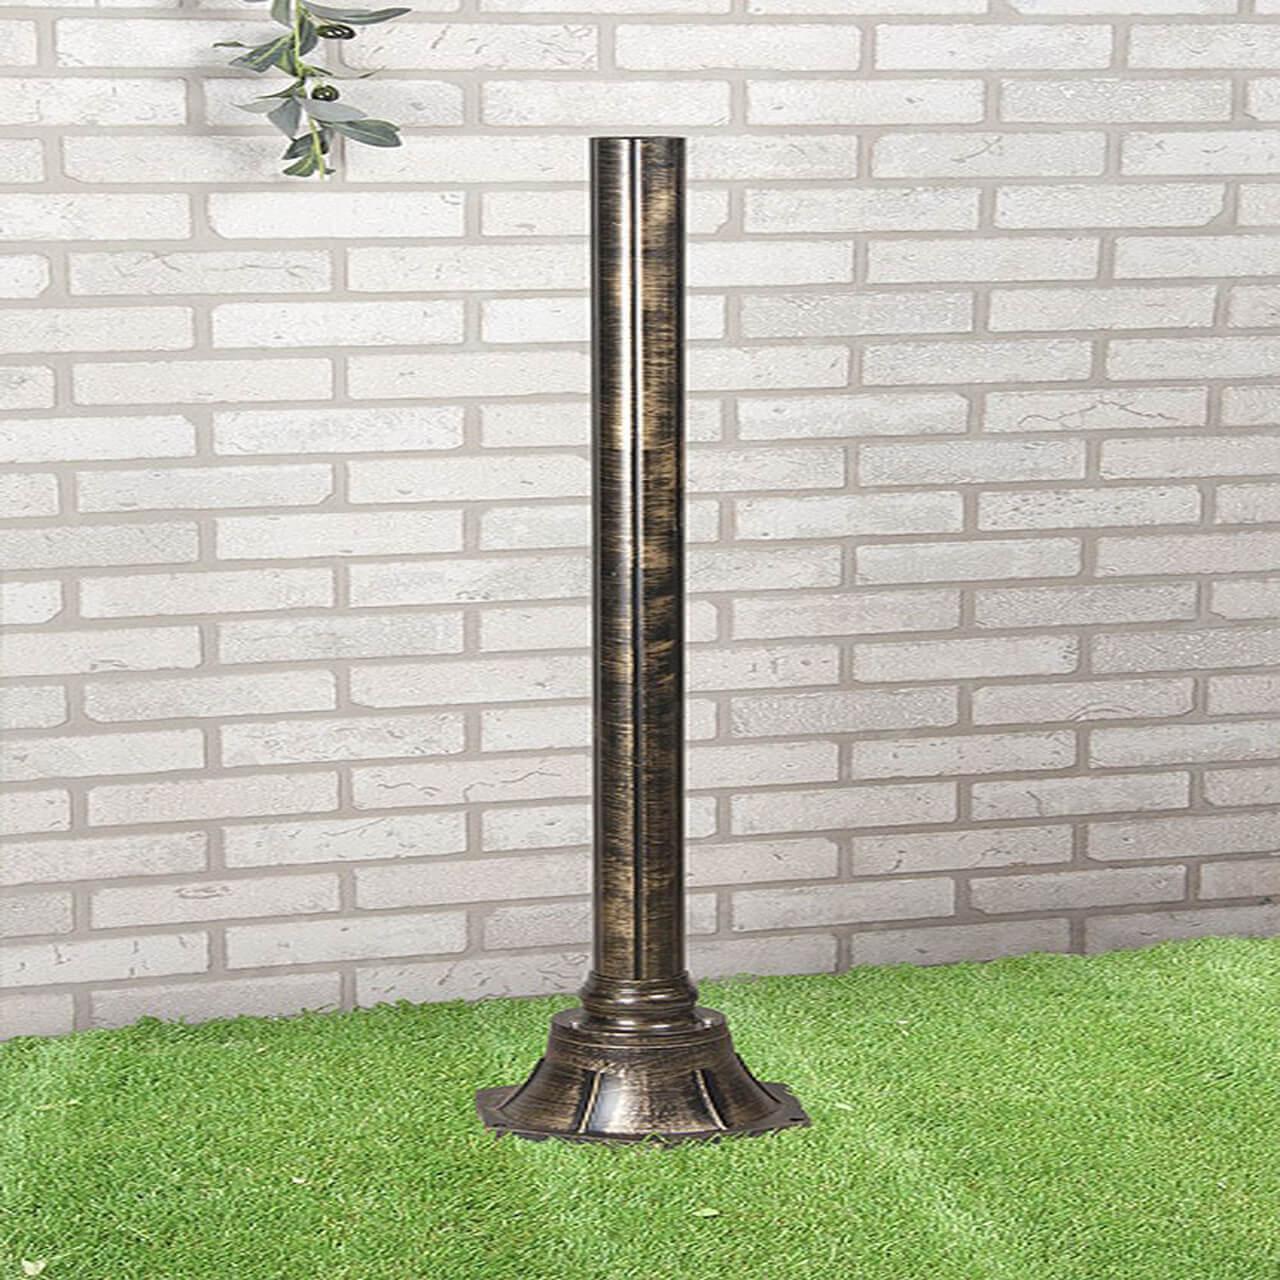 Основание для светильника Elektrostandard Type-F 120 см черное золото 4607176194043 цена